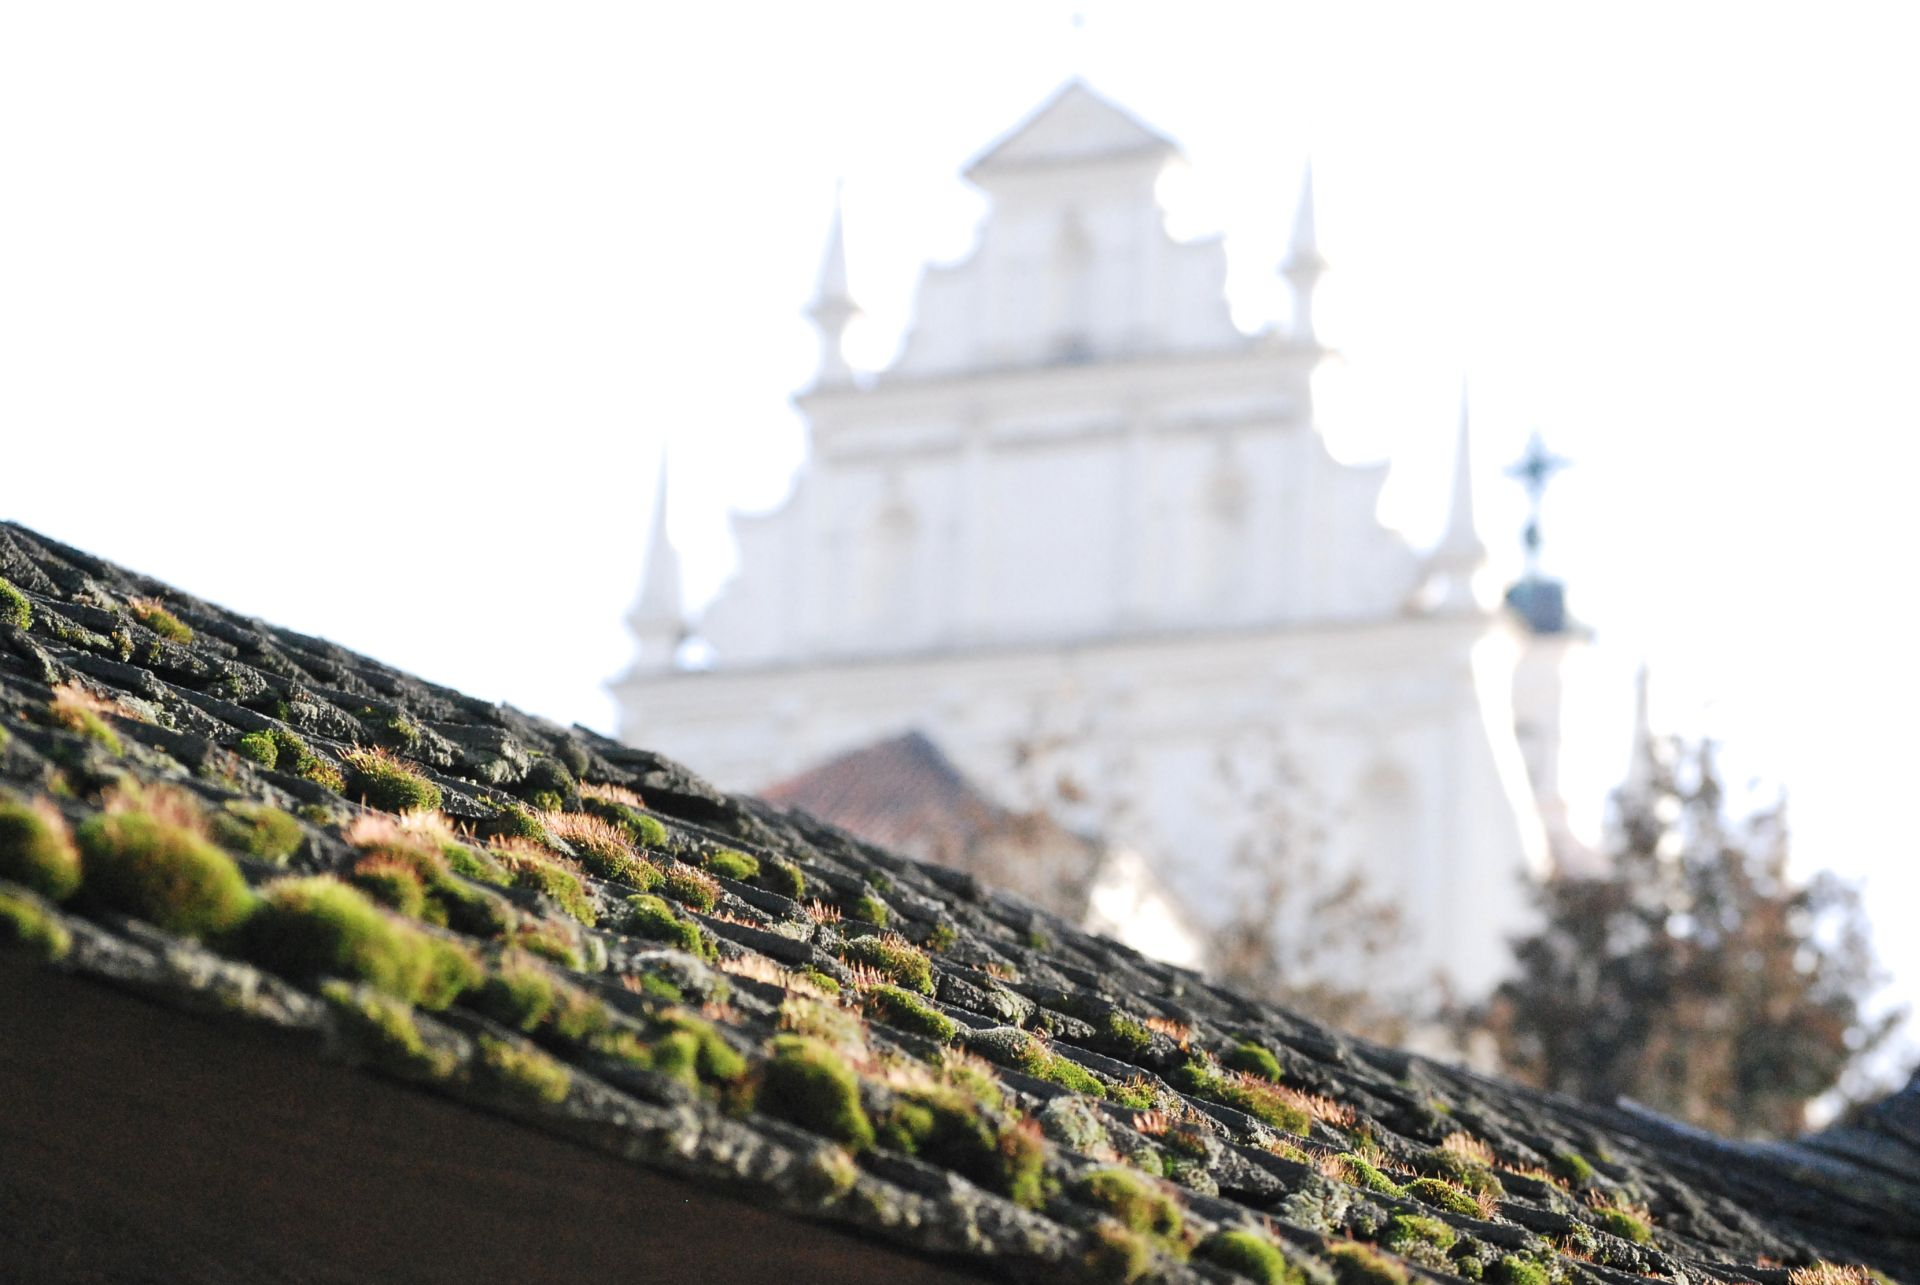 Kazimierz Dolny - jedno znajcenniejszych inajbardziej urokliwych miejsc wPolsce